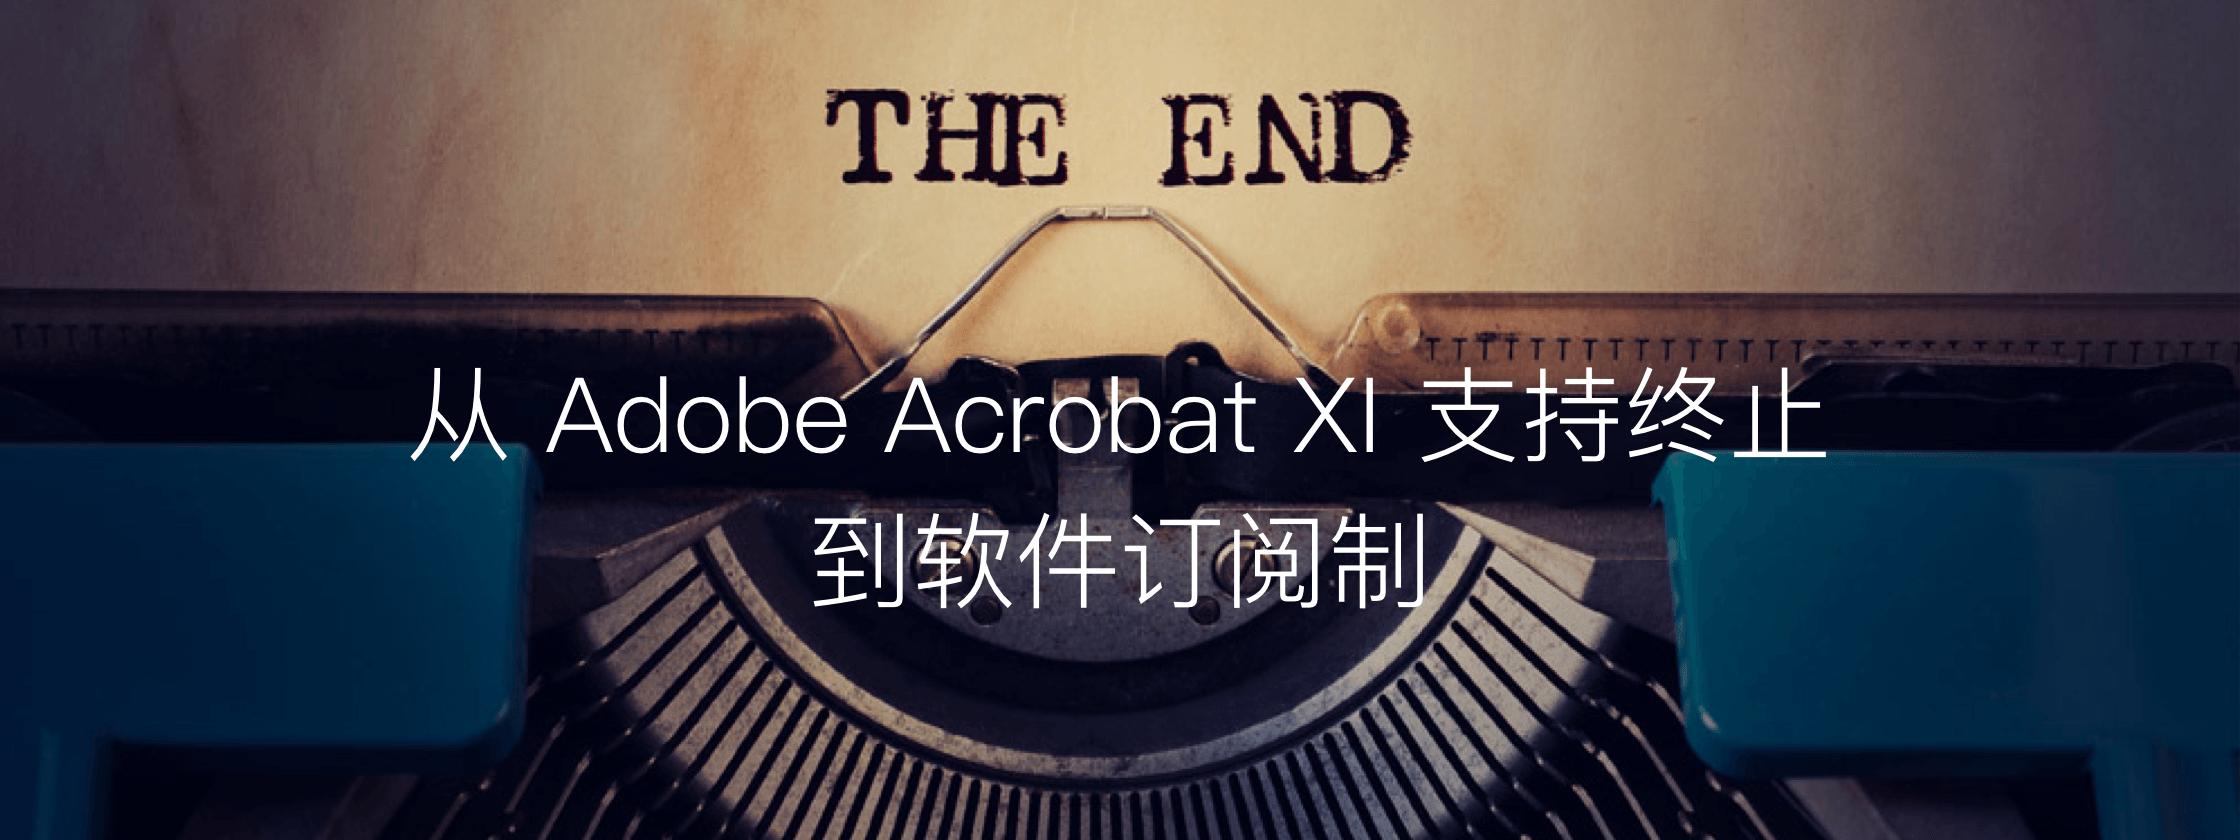 【送码】从 Adobe Acrobat XI 支持终止到软件订阅制